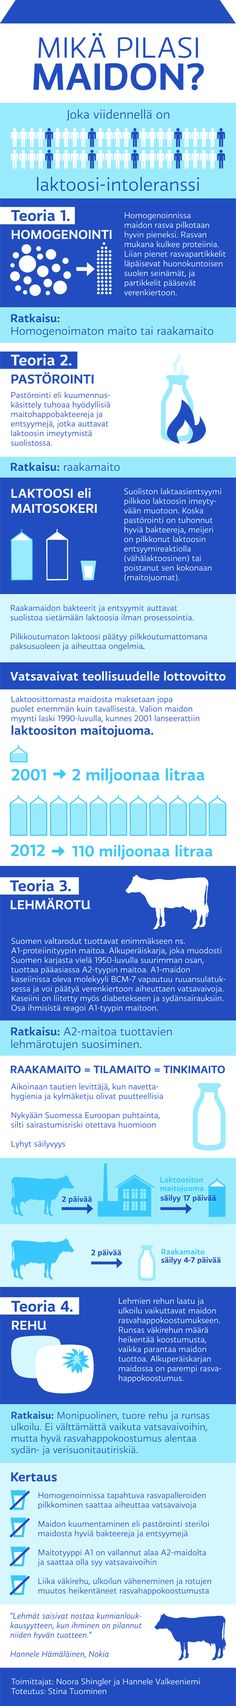 Infografiikka maitoon liittyvistä terveysvaivoista ja niiden mahdollisista syntyperistä.